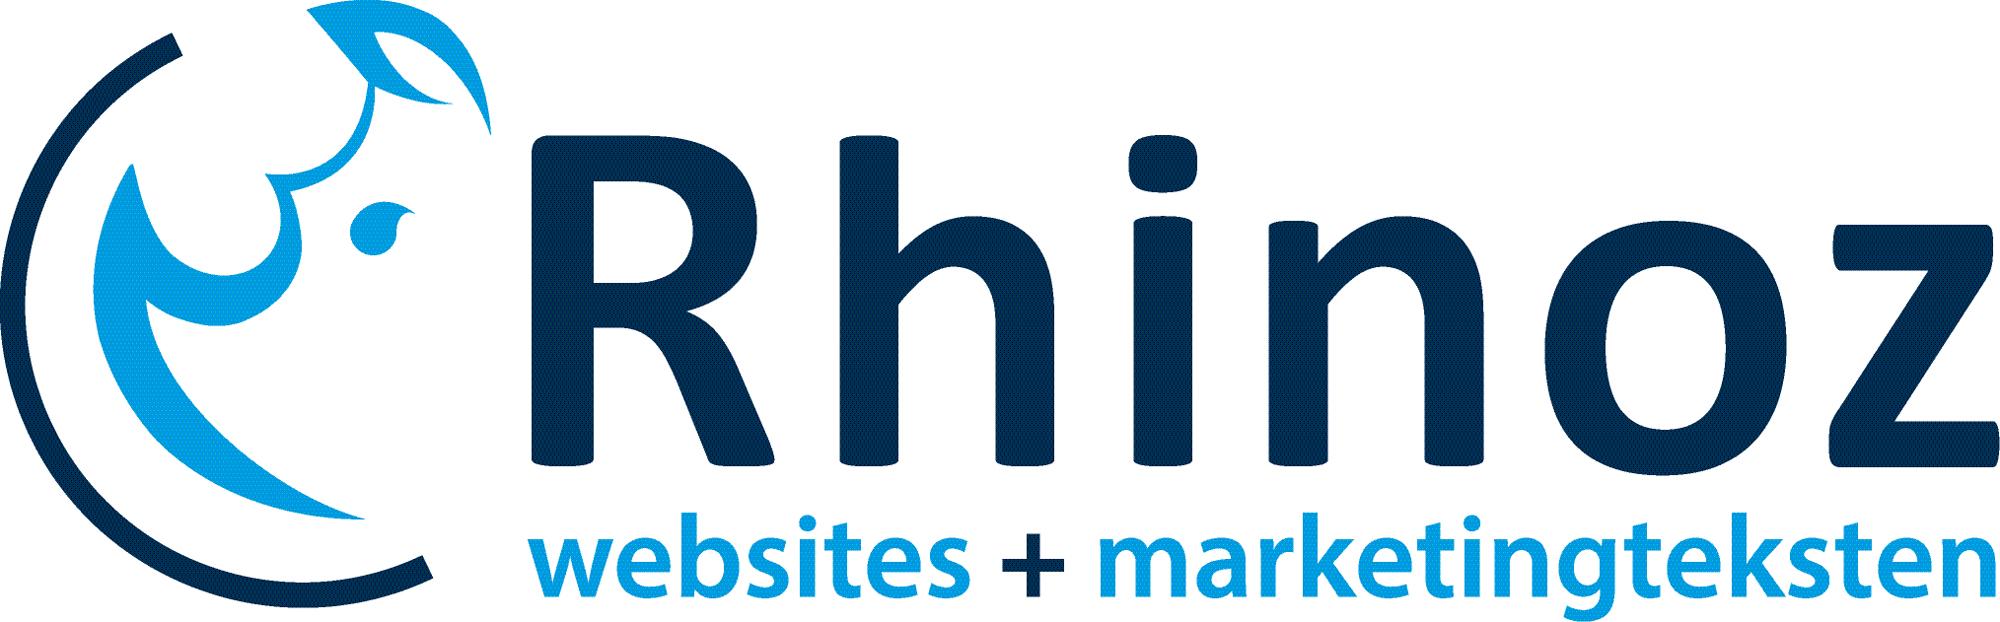 Rhinoz websites + marketingteksten